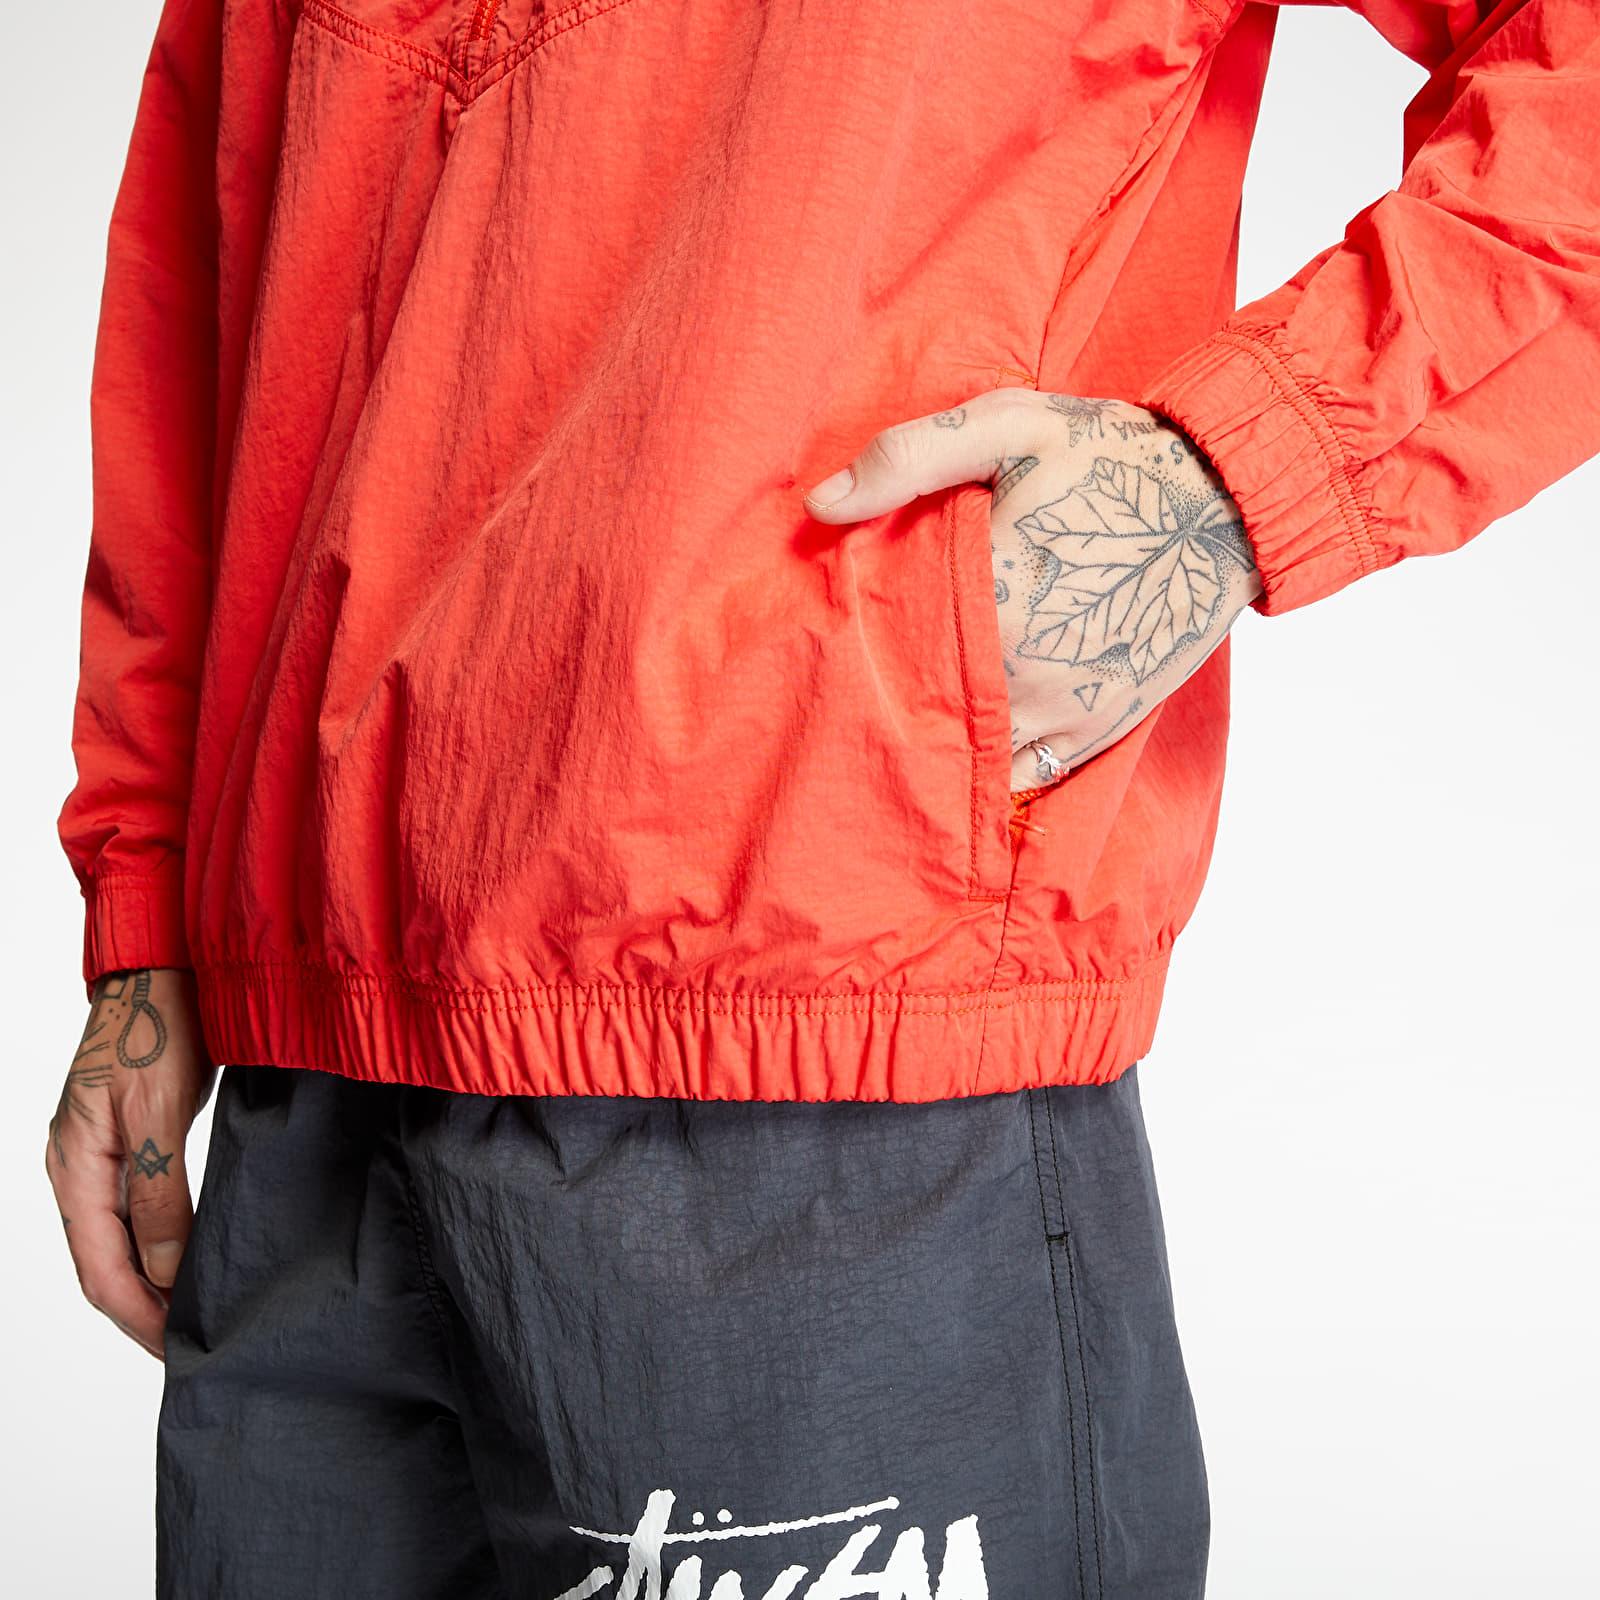 NikeLab x Stüssy Windrunner Jacket Habanero Red